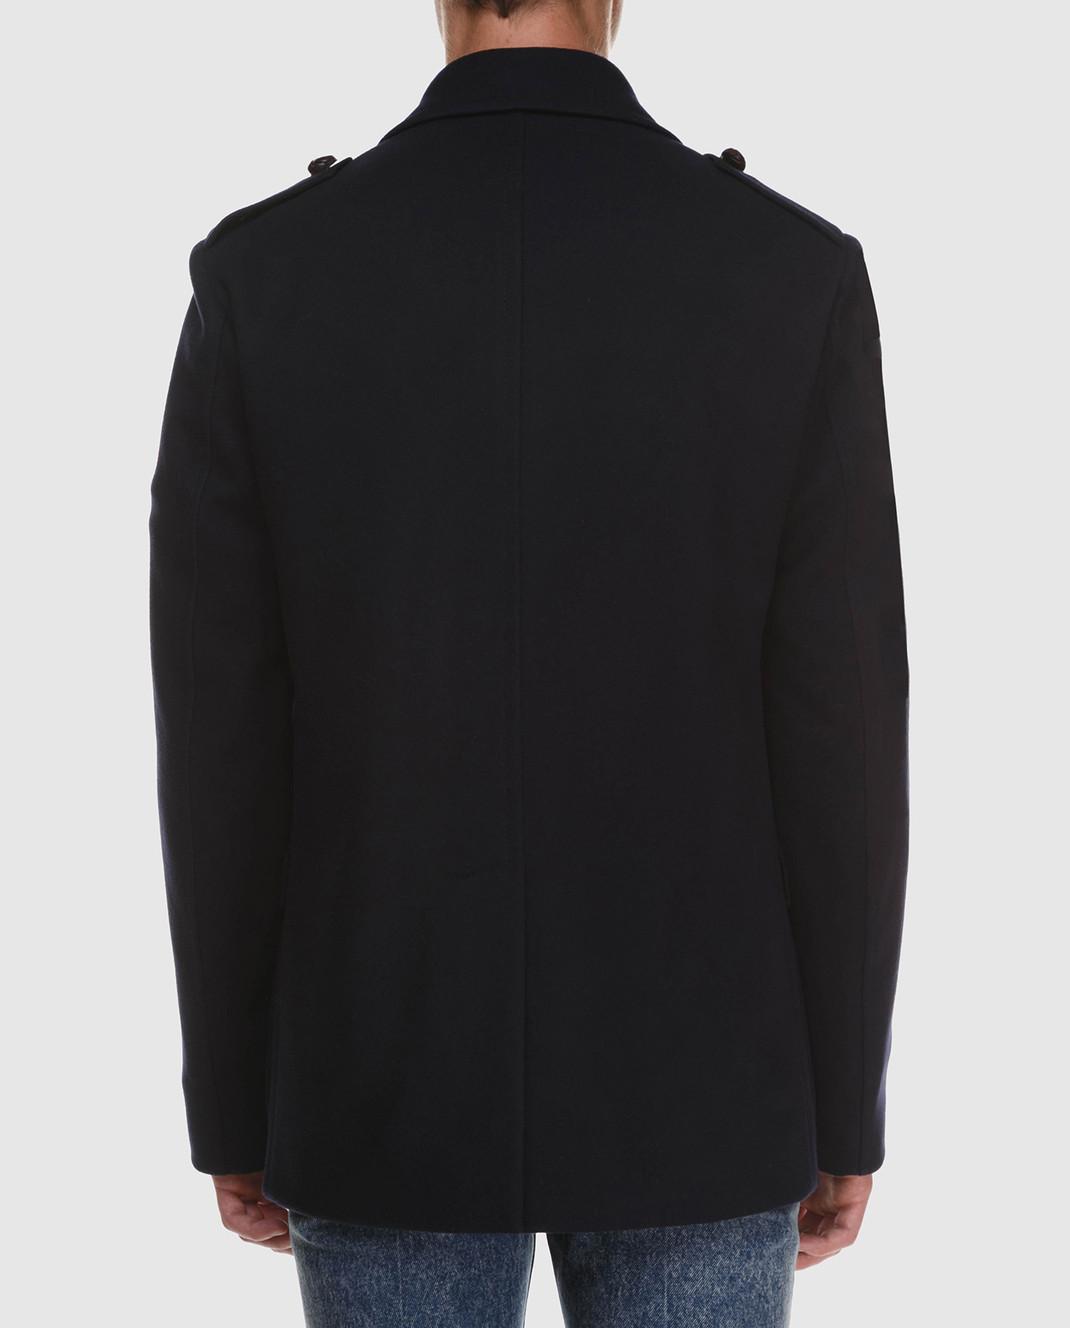 Gucci Темно-синее пальто из шерсти и кашемира 523628 изображение 4